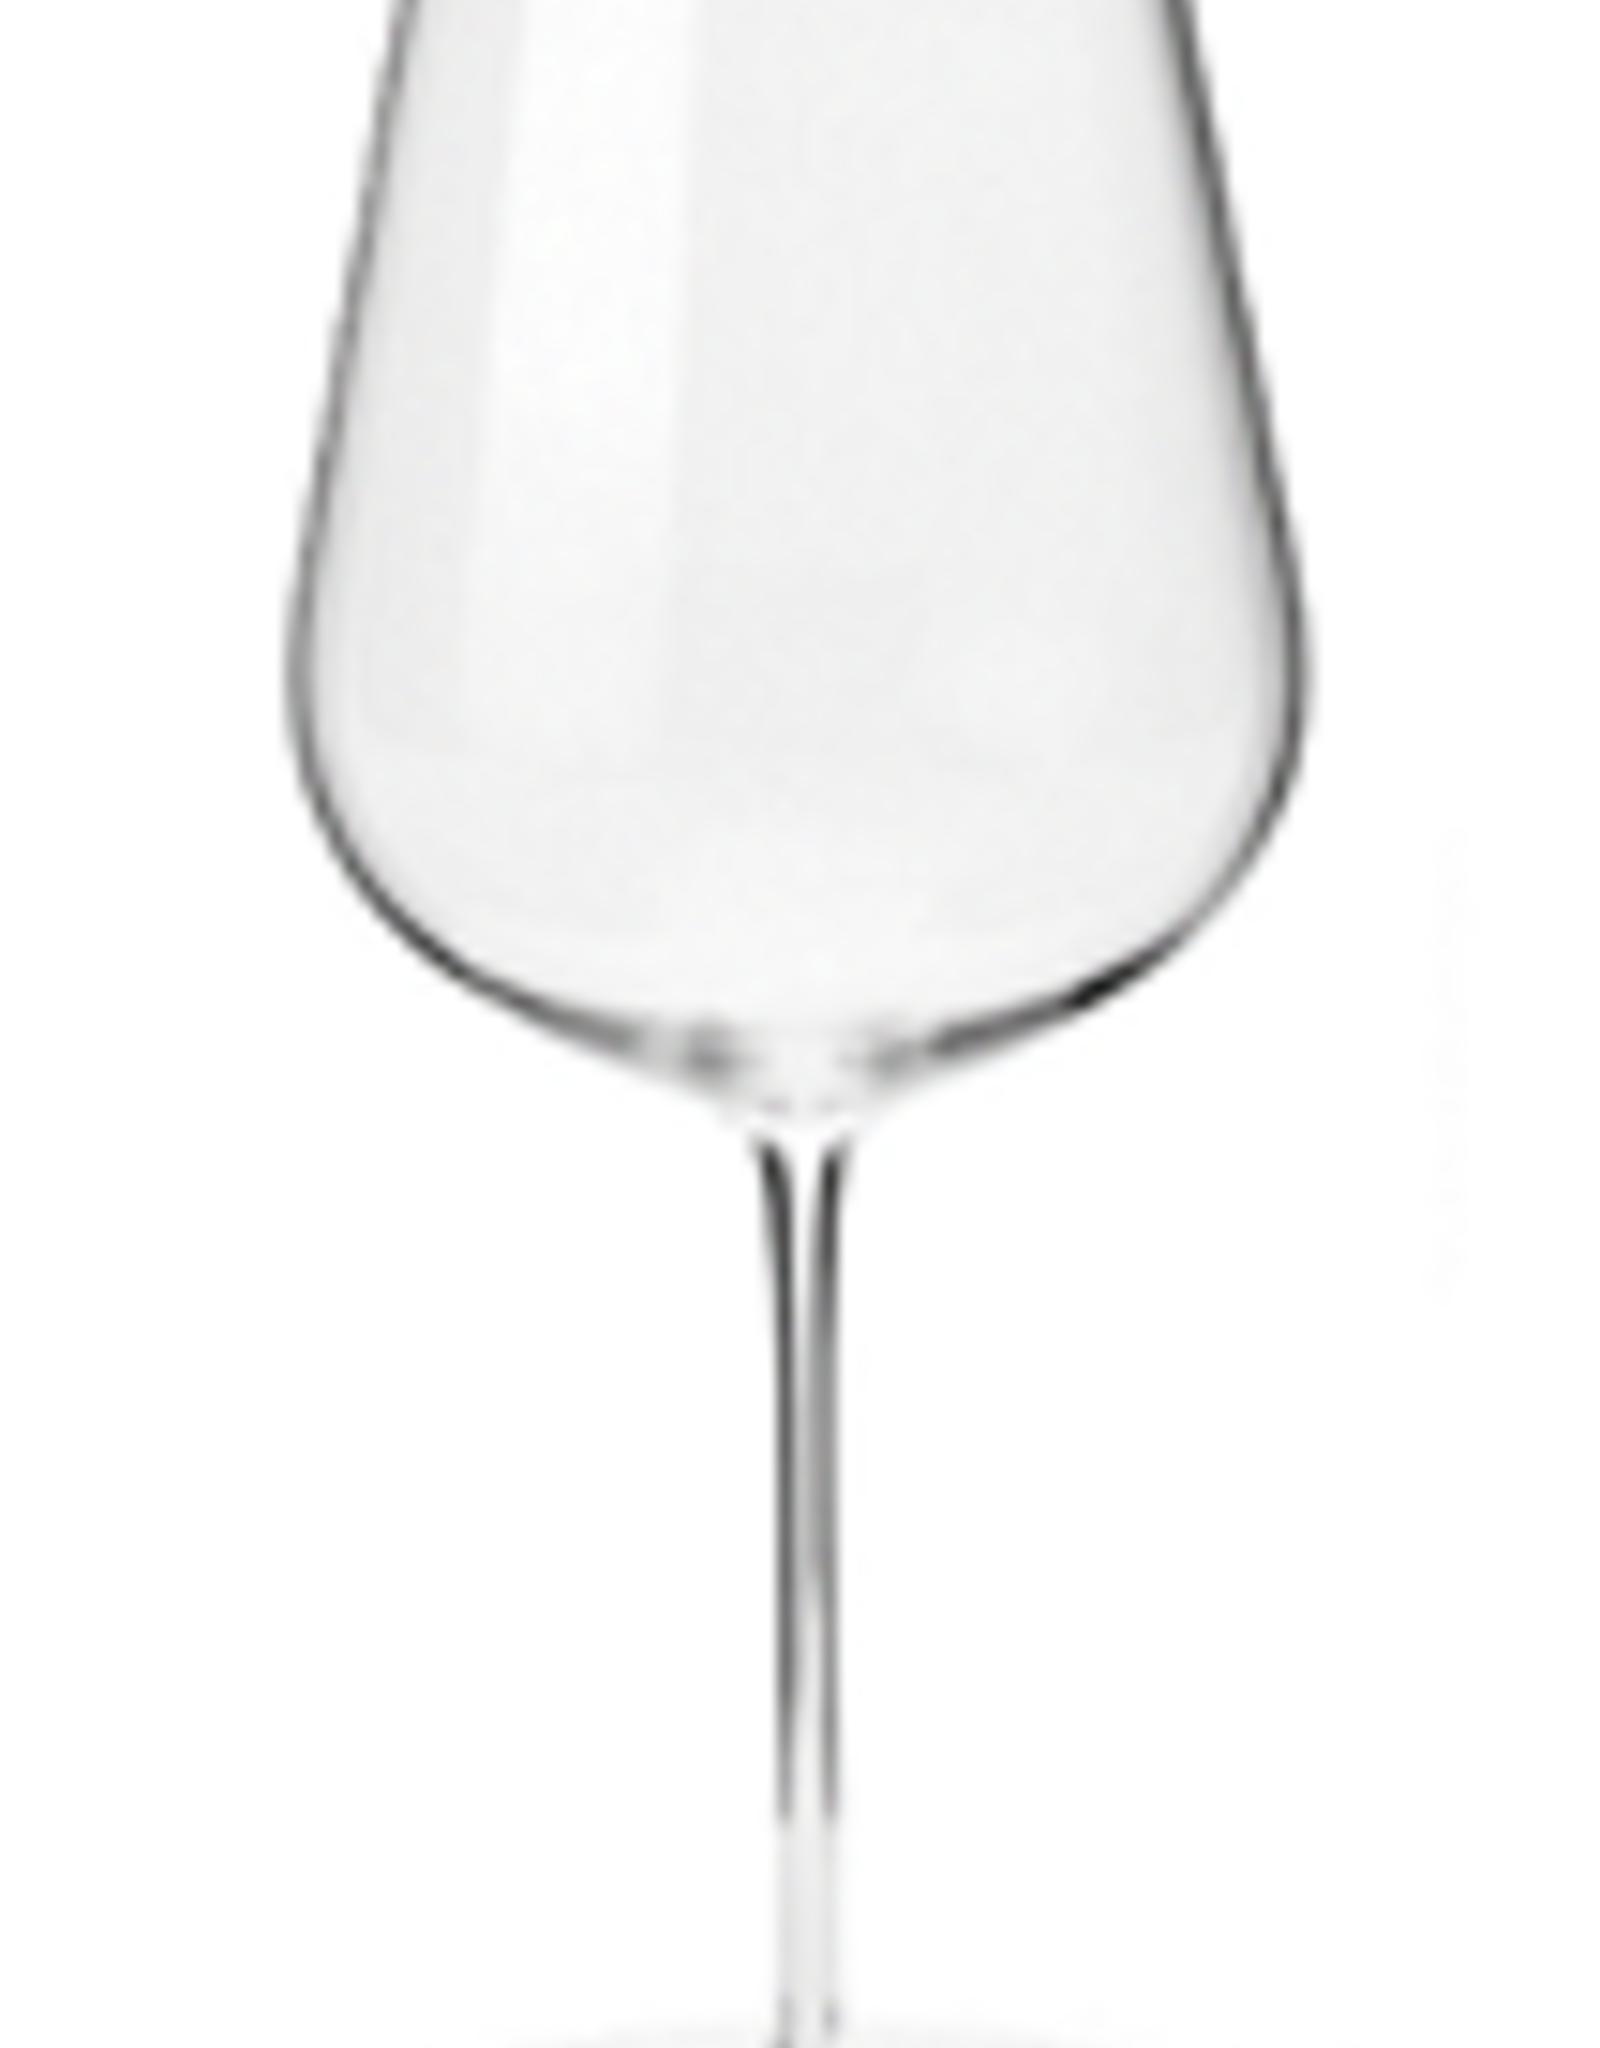 Glassware Glassware, The Wine Glass, Jancis Robinson x  Richard Brendon